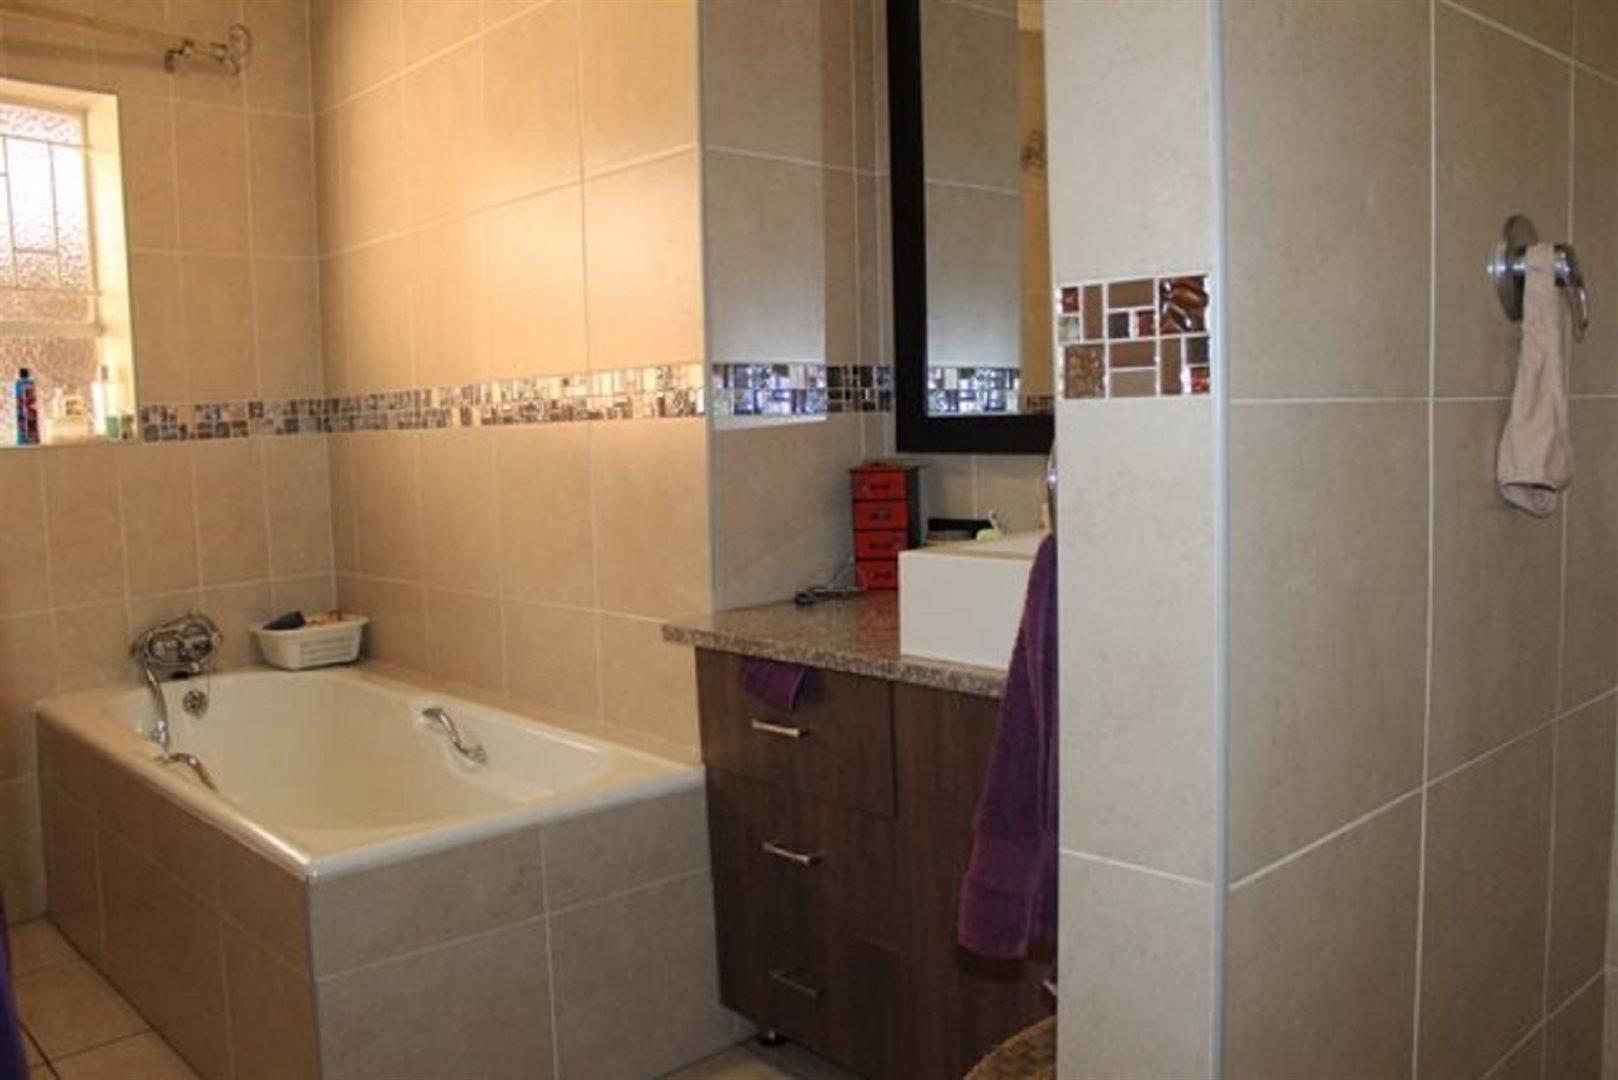 Pretoria North property for sale. Ref No: 13566737. Picture no 7